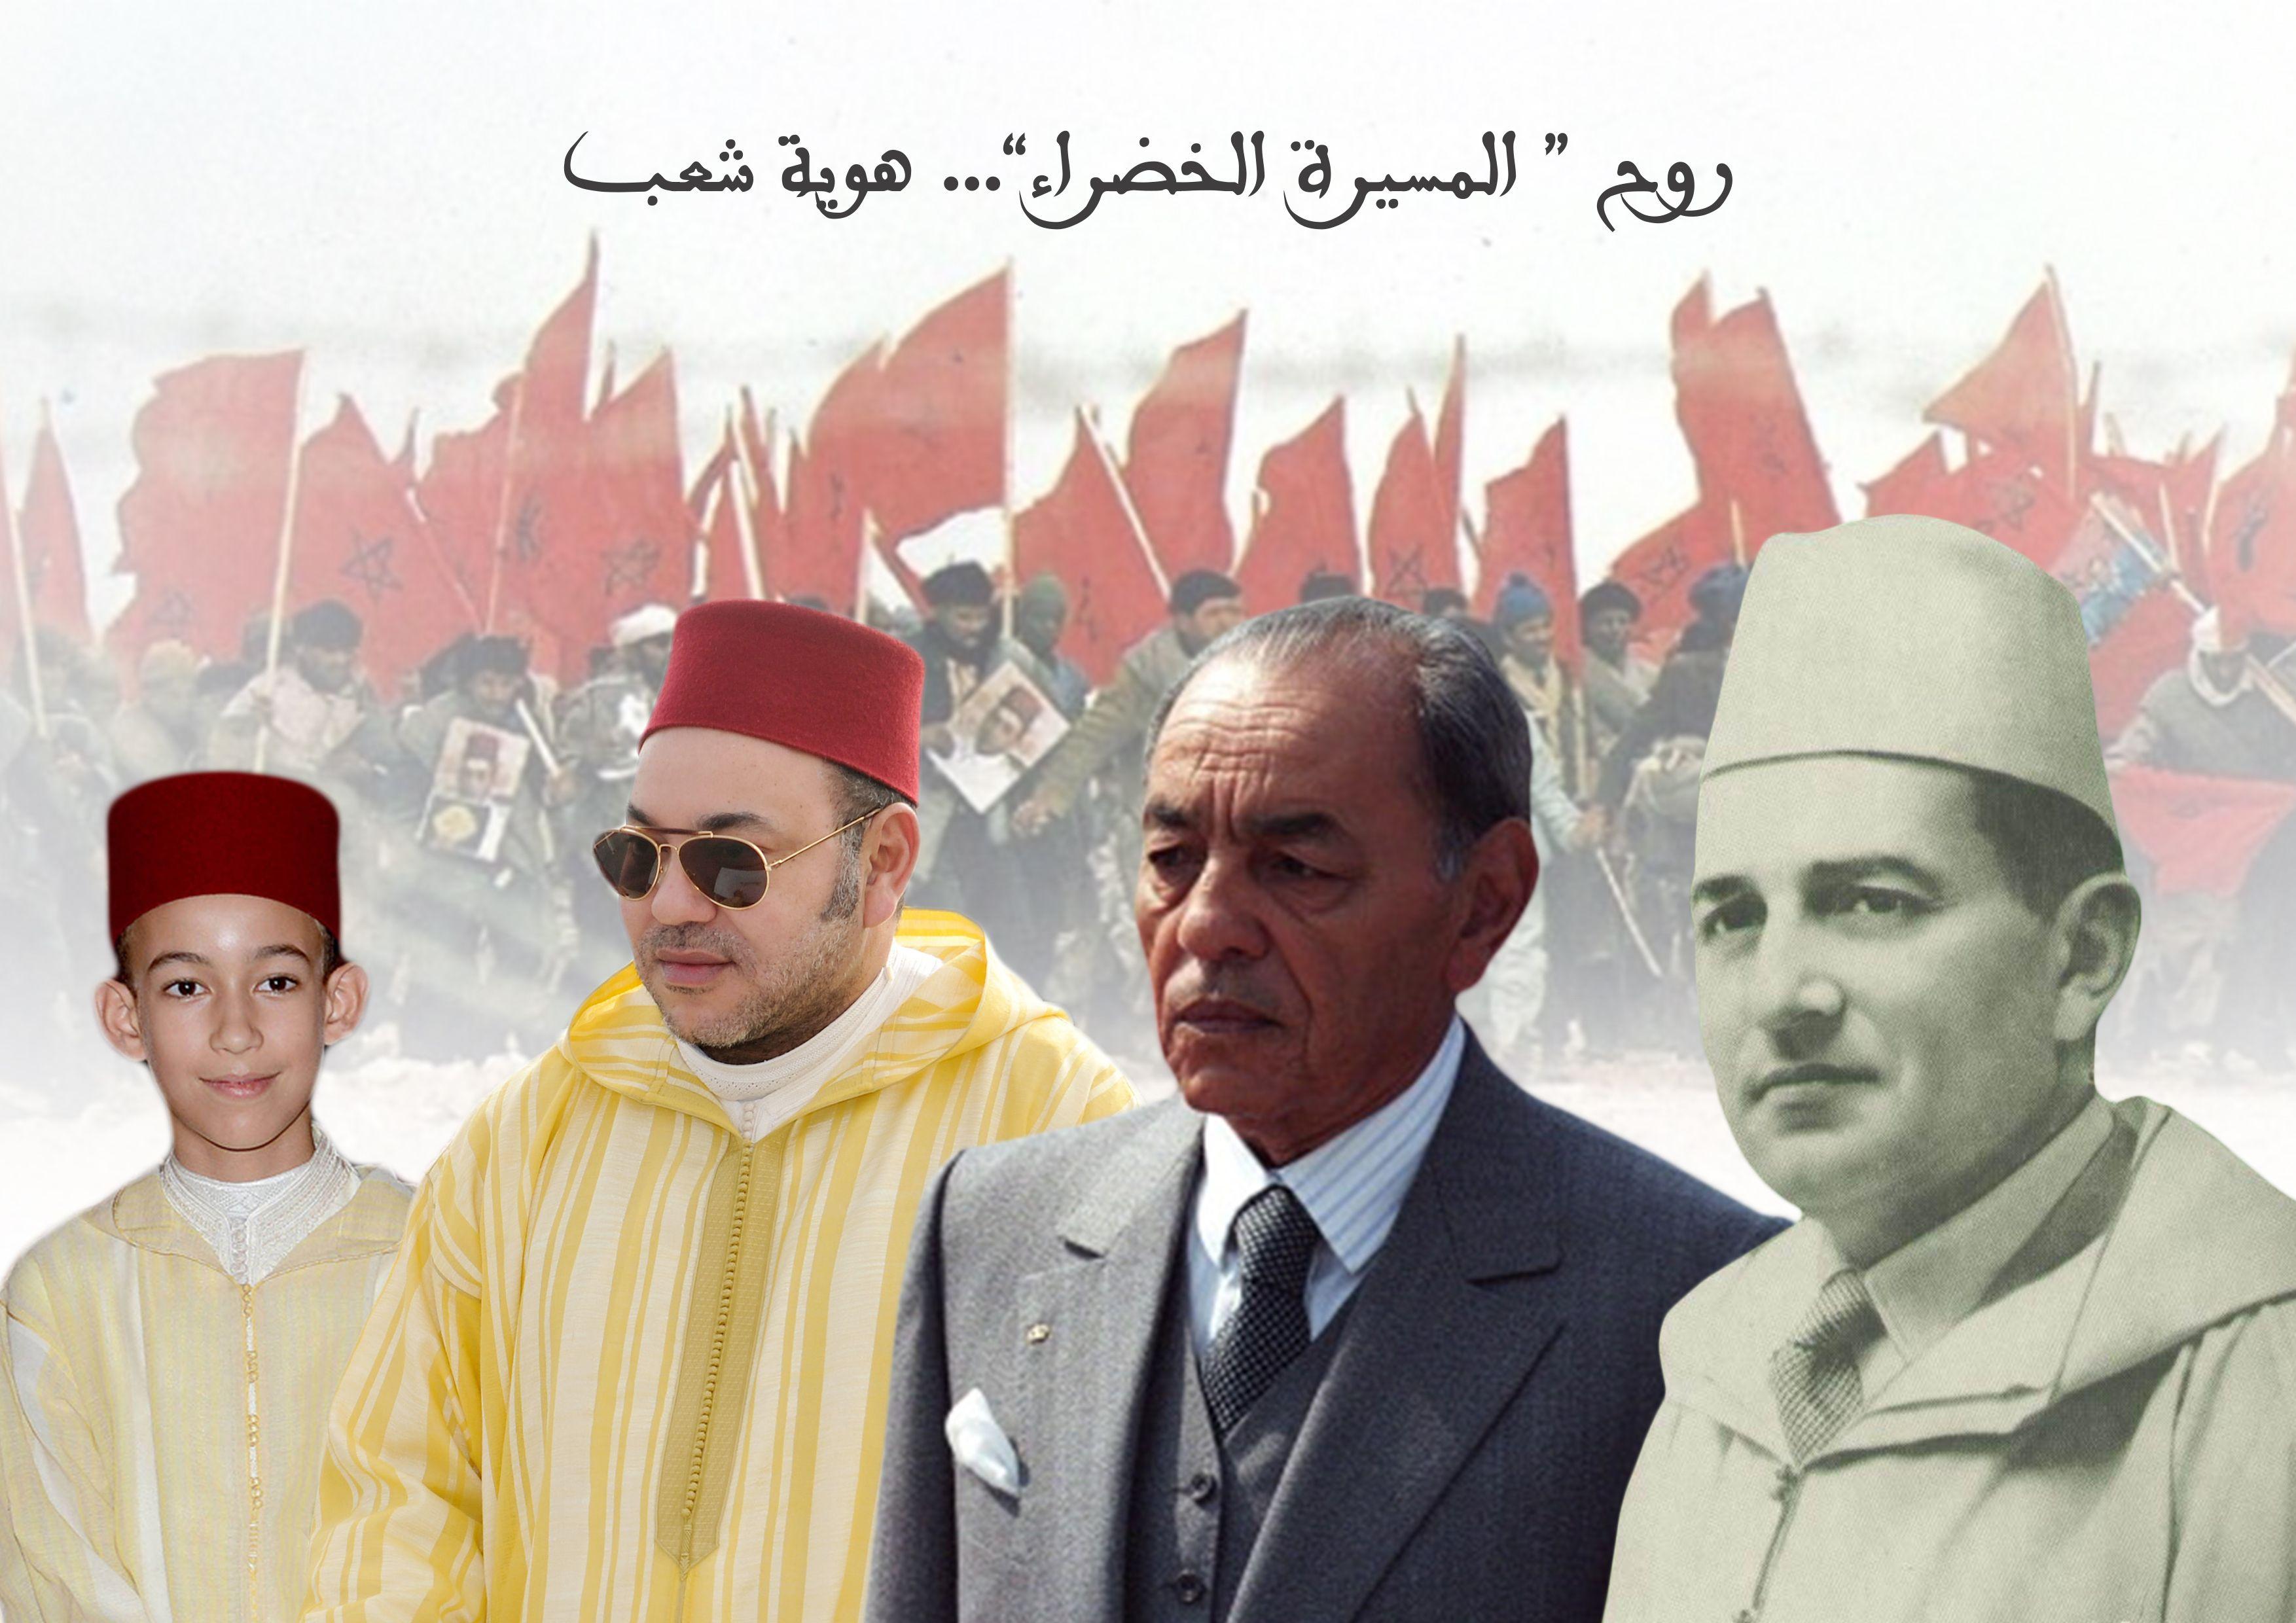 يوسف سونة إهداء إلى جيل المسيرة الخضراء وملوكها الثلاث قيادة